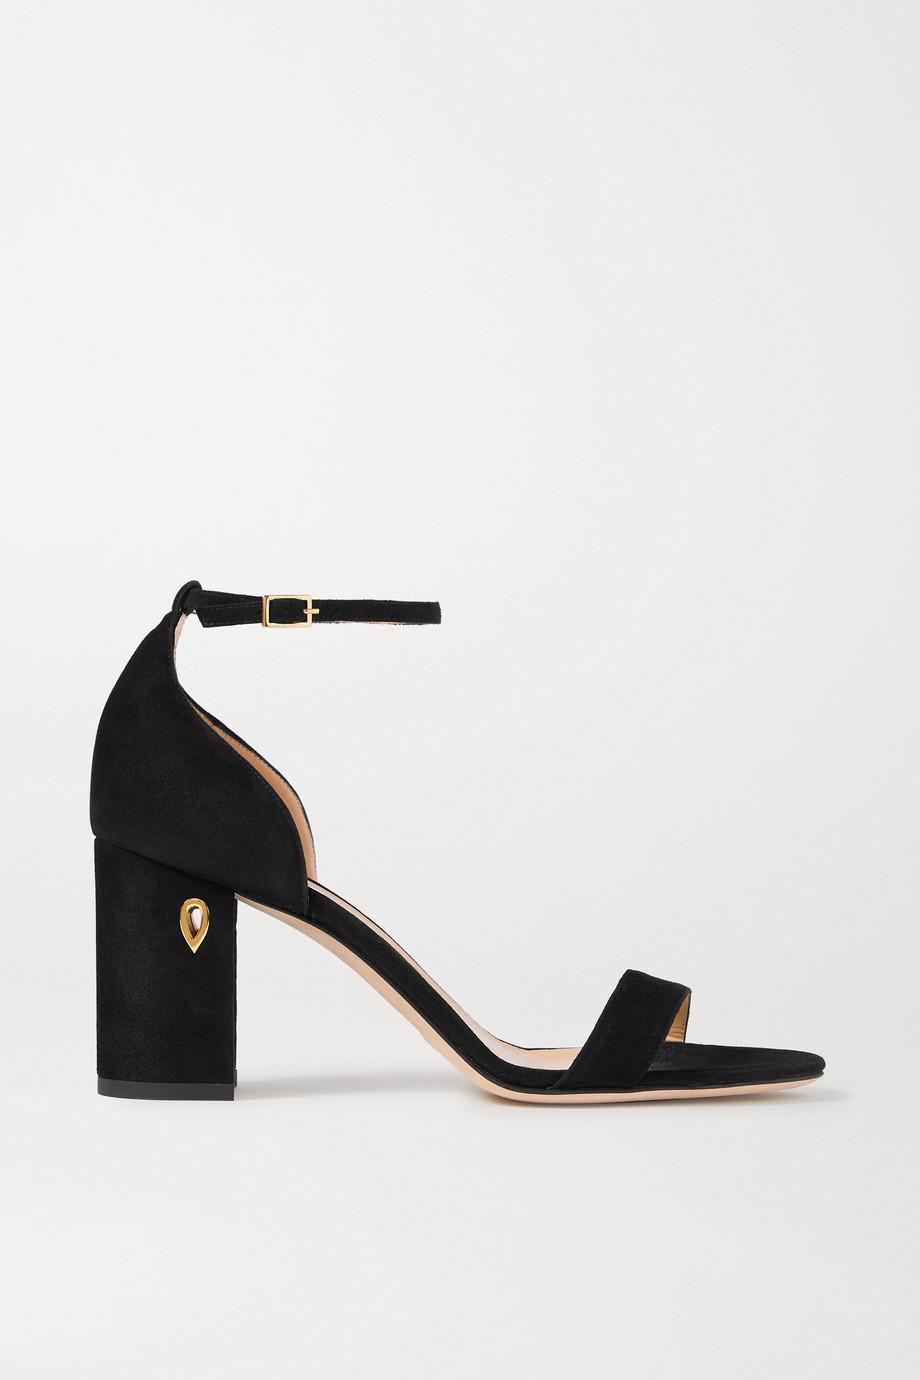 Jennifer Chamandi Massimo 85 suede sandals